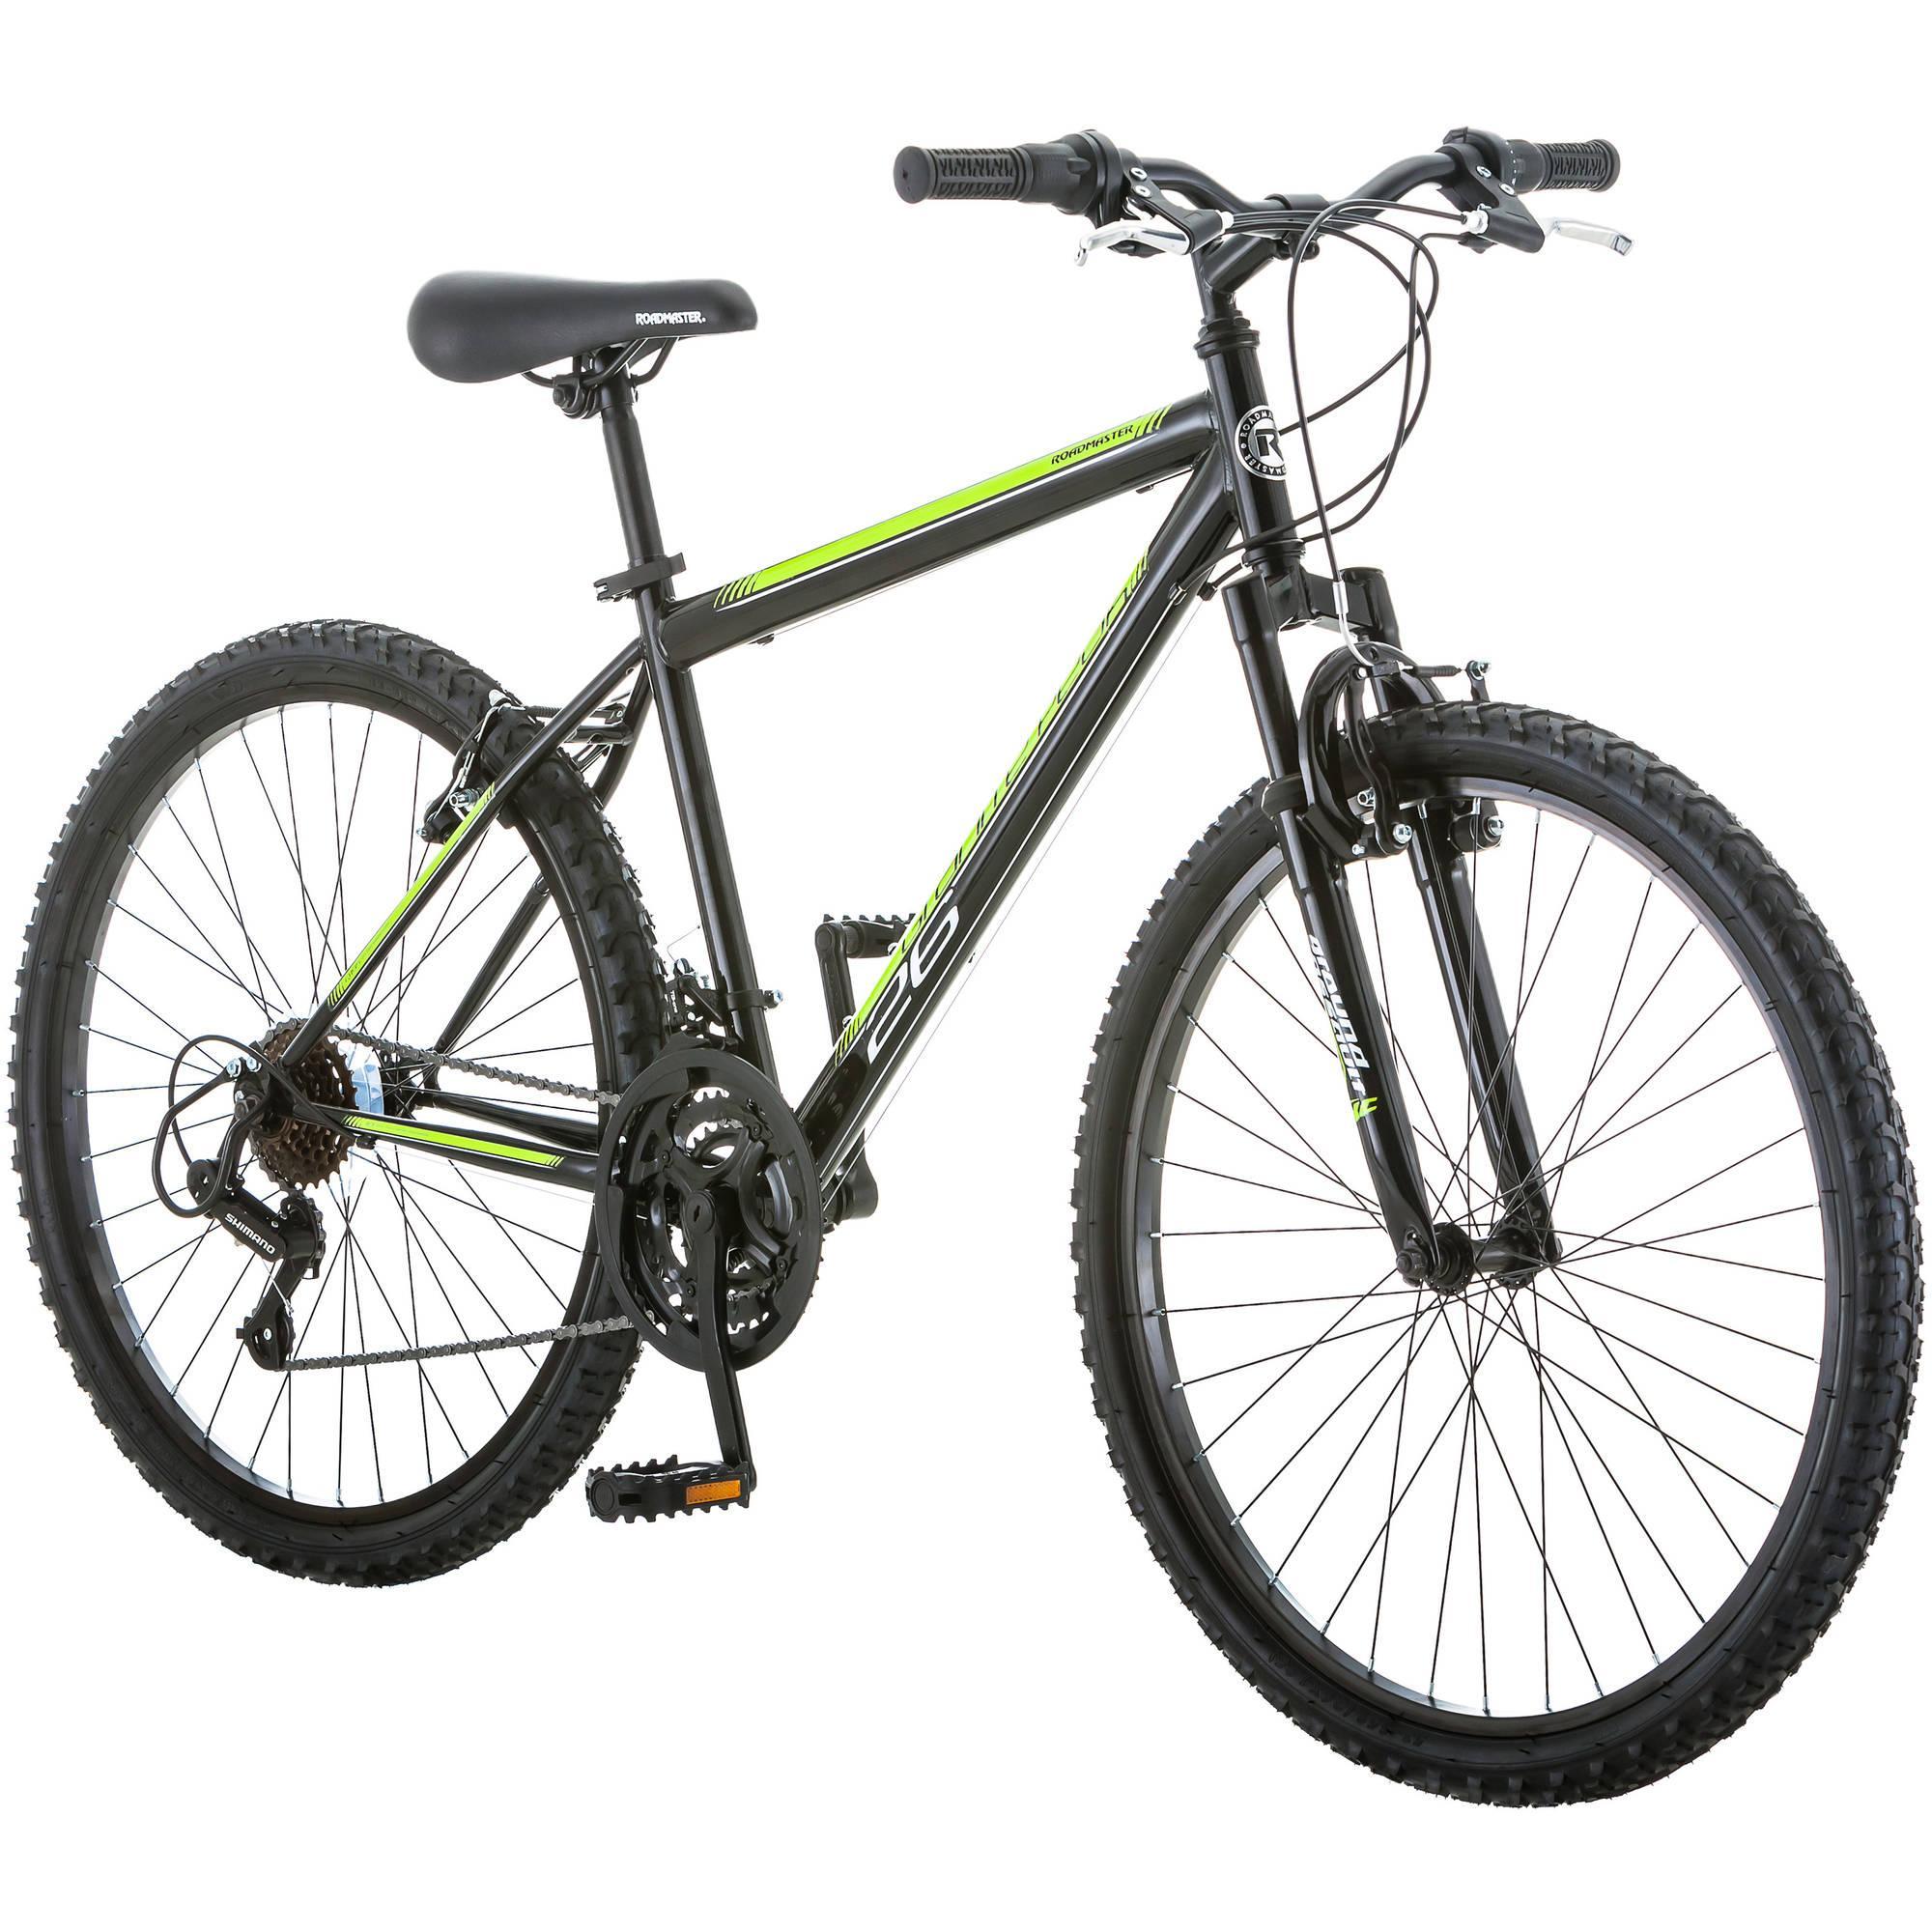 26 Quot Roadmaster Black Green Granite Peak Men S Bike Sale 79 97